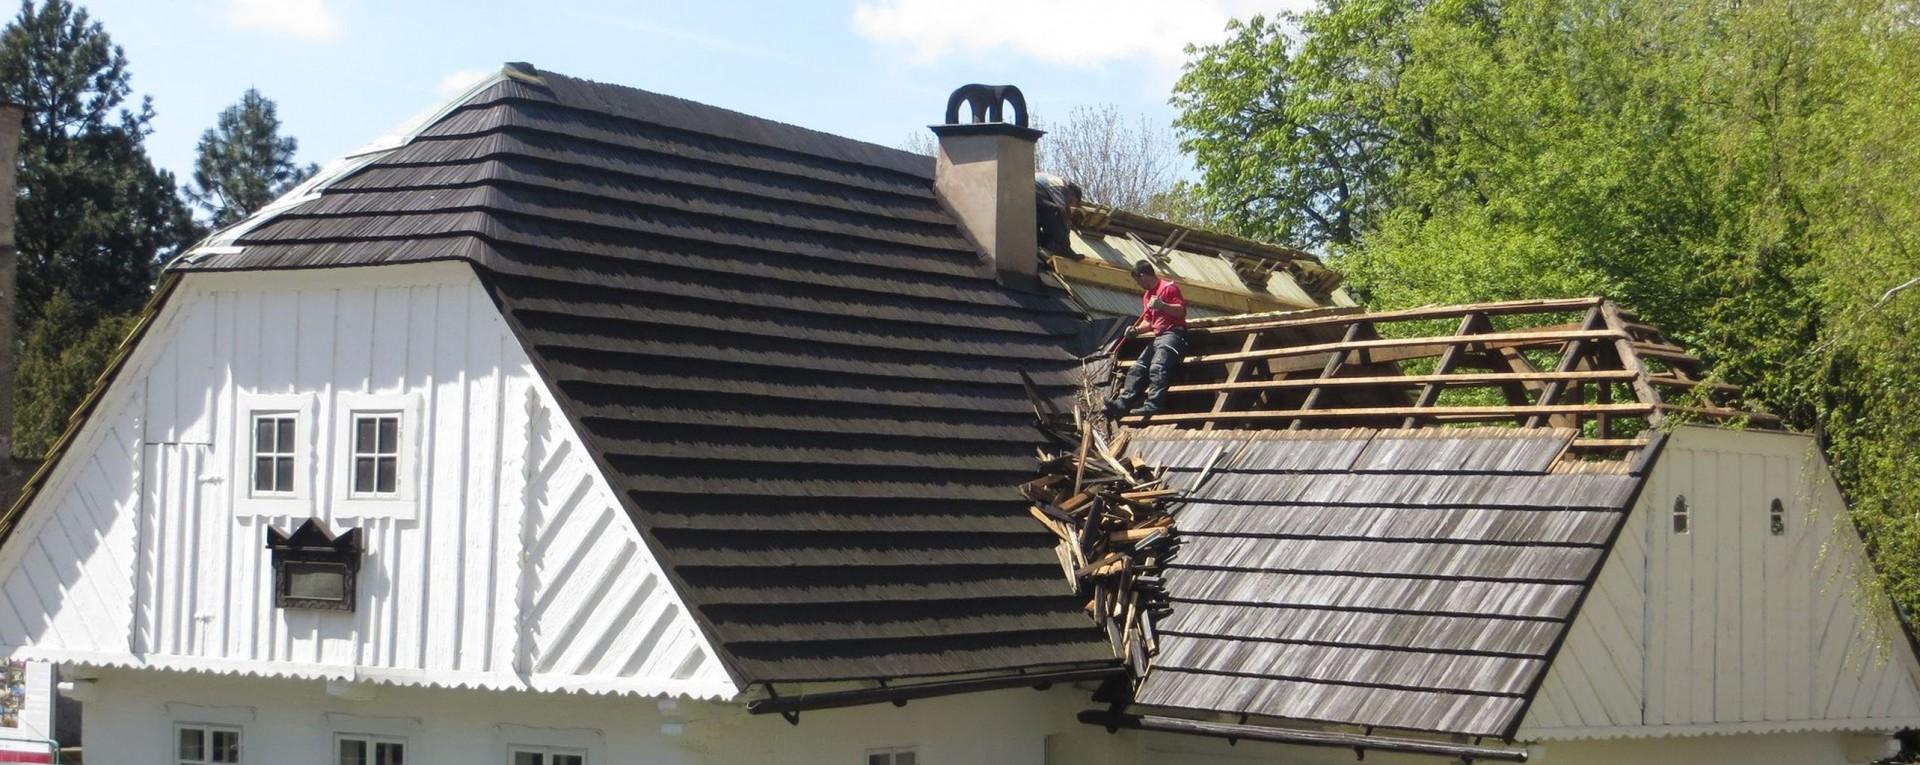 Bergen County Roof Repair Nj Roofing Contractor